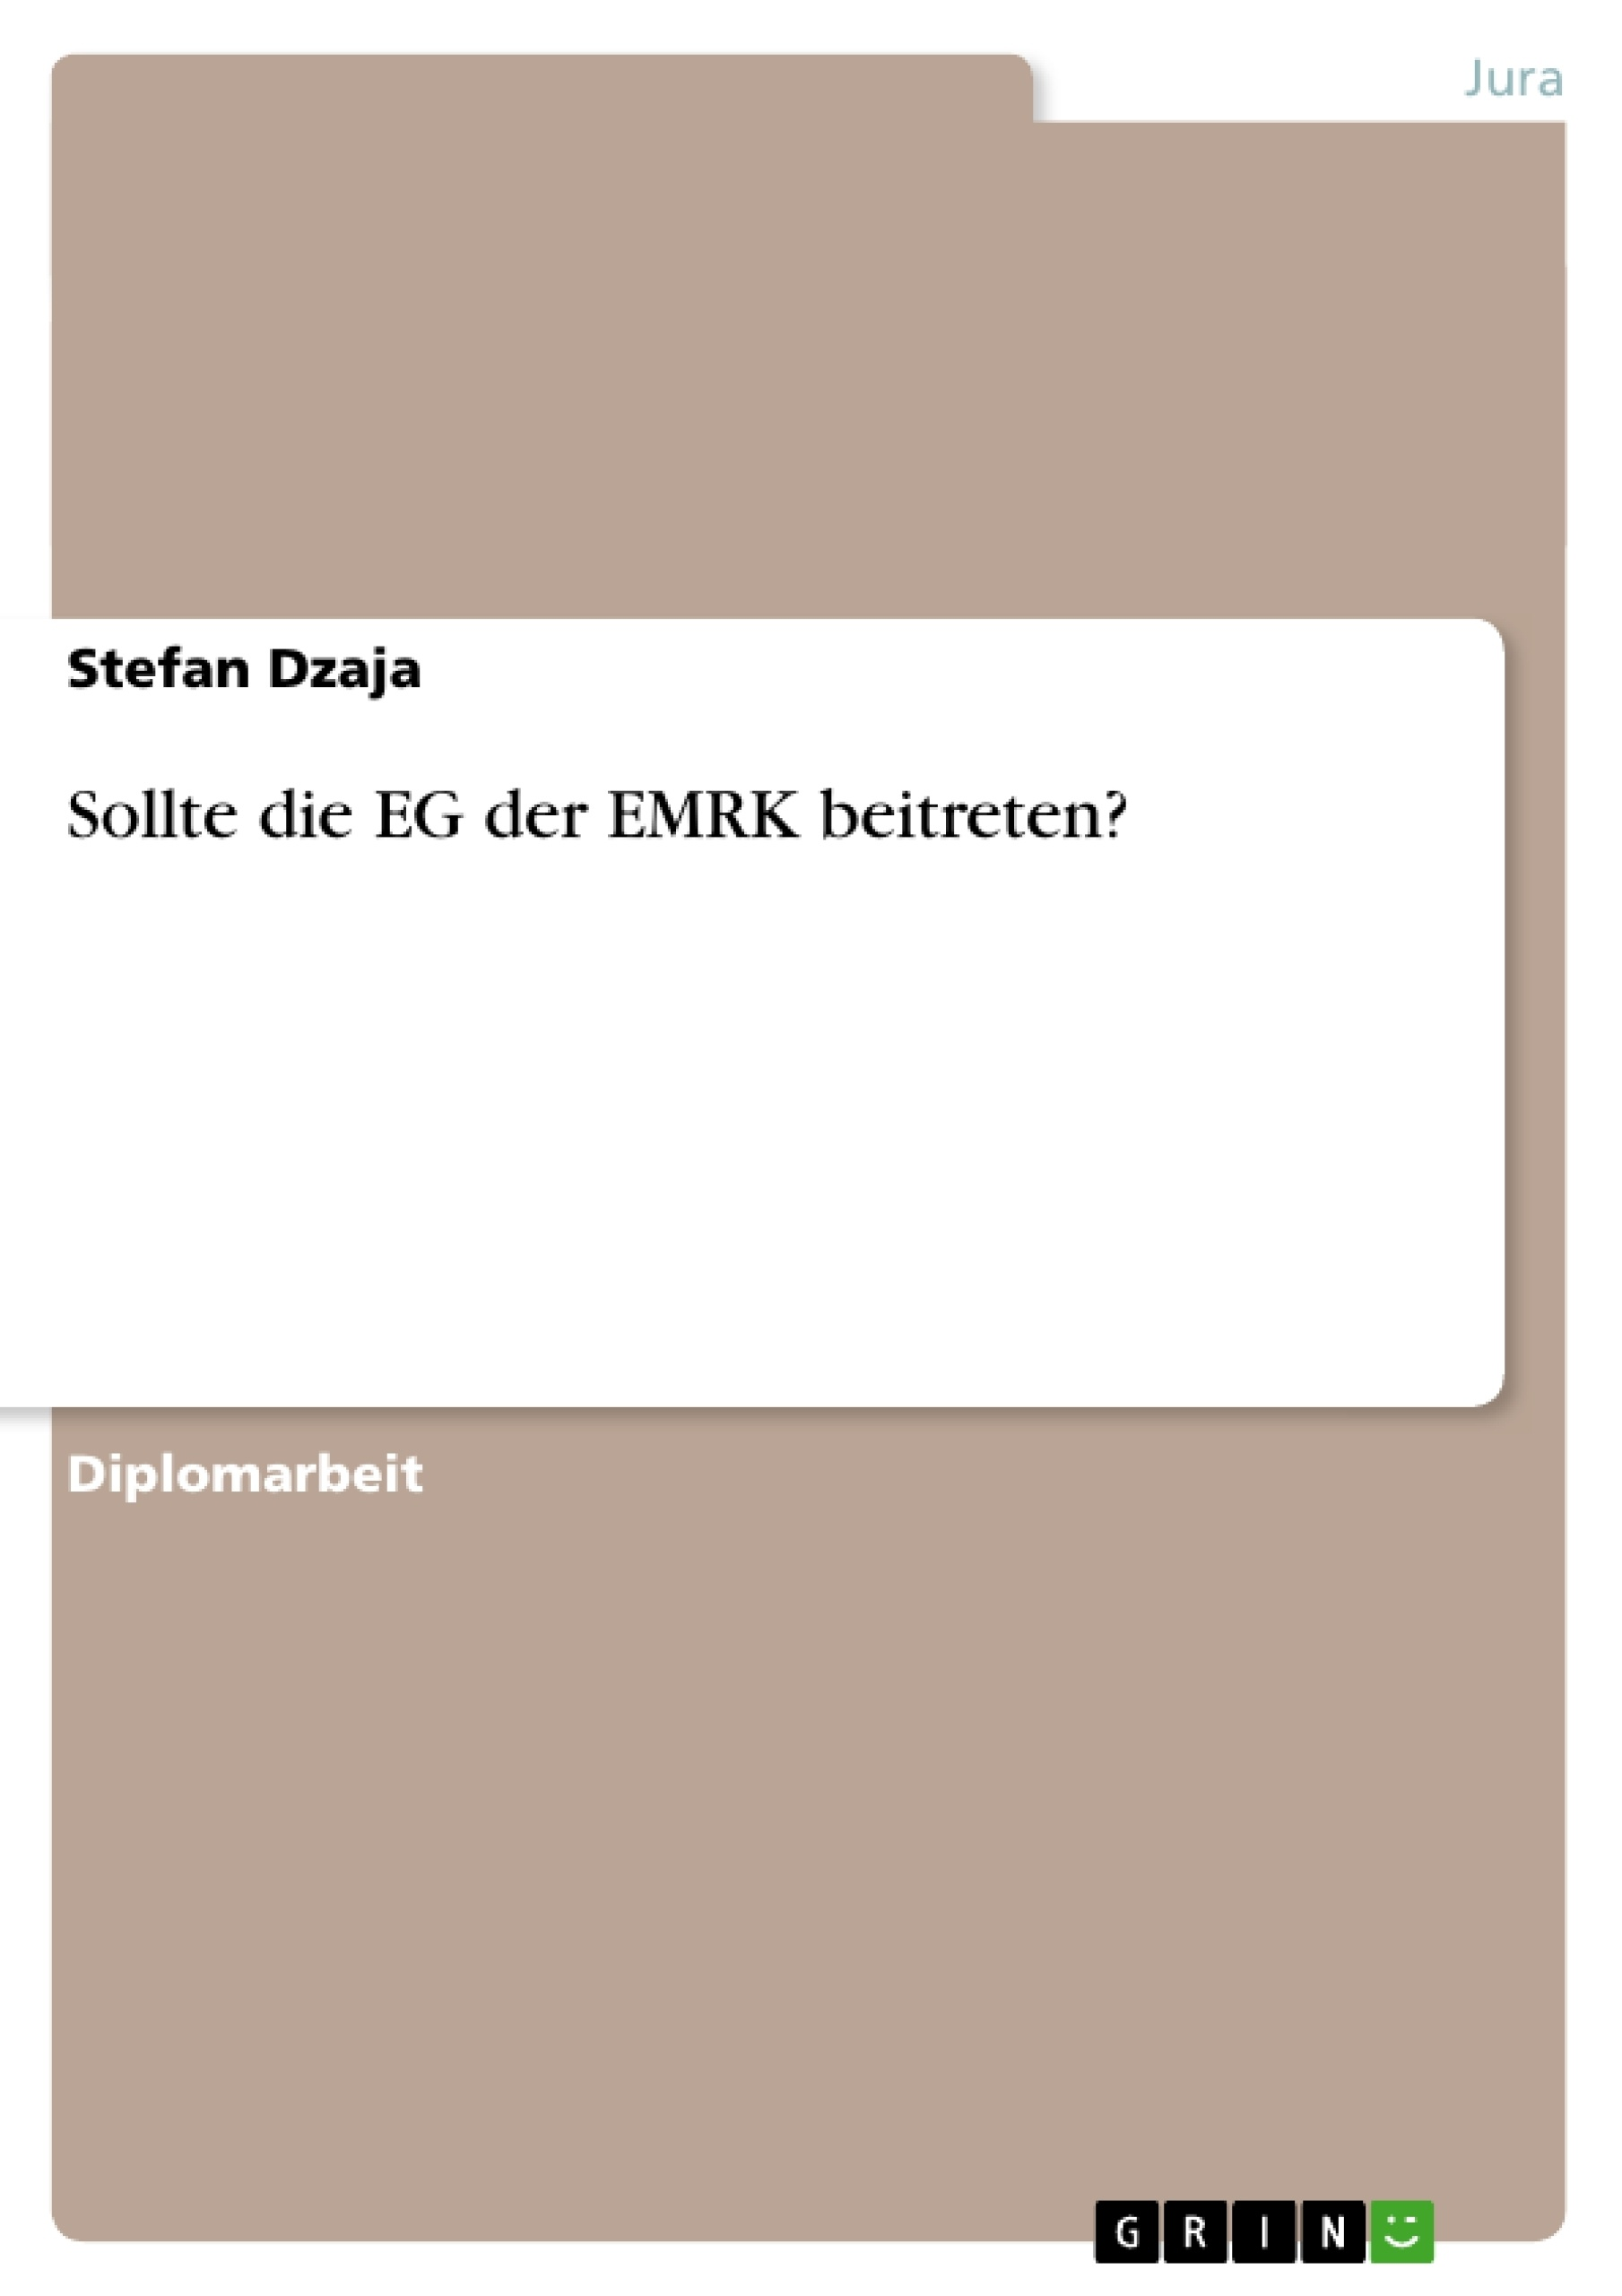 Titel:  Sollte die EG der EMRK  beitreten?